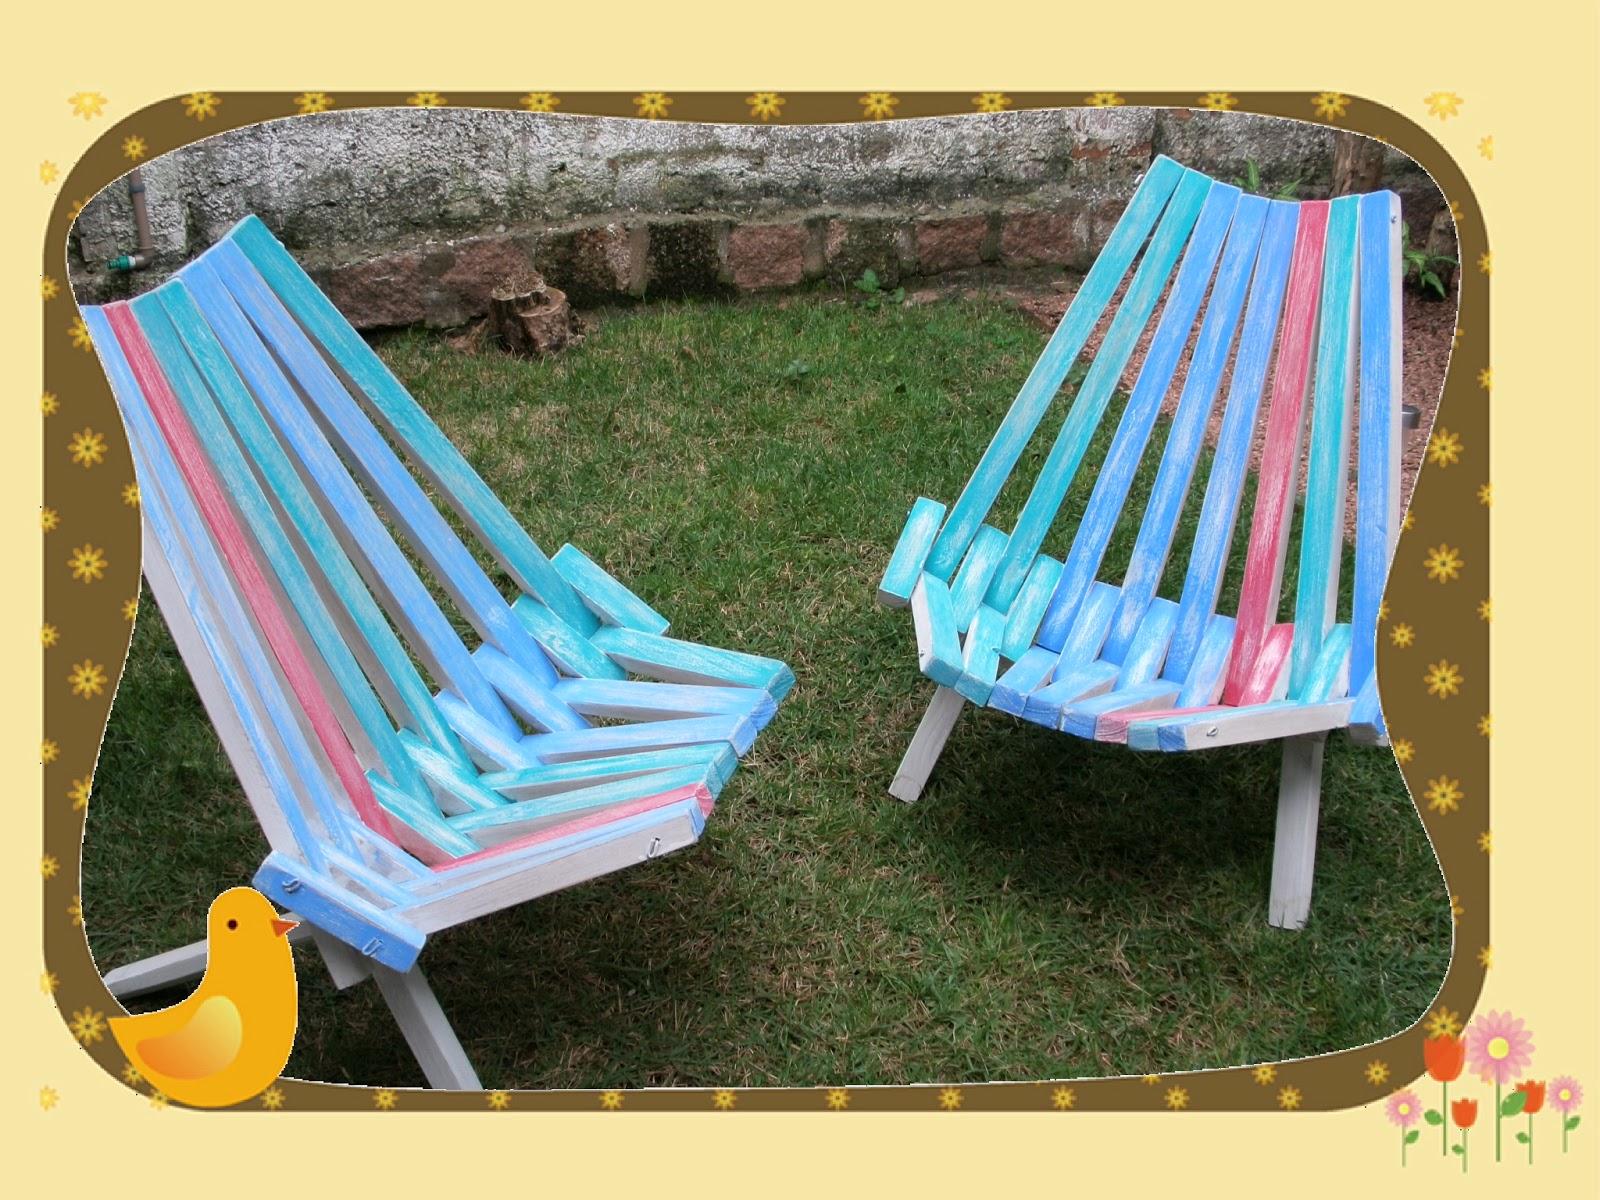 decorar sustentável: Cadeiras de varanda (ou jardim) renovadas #B79914 1600x1200